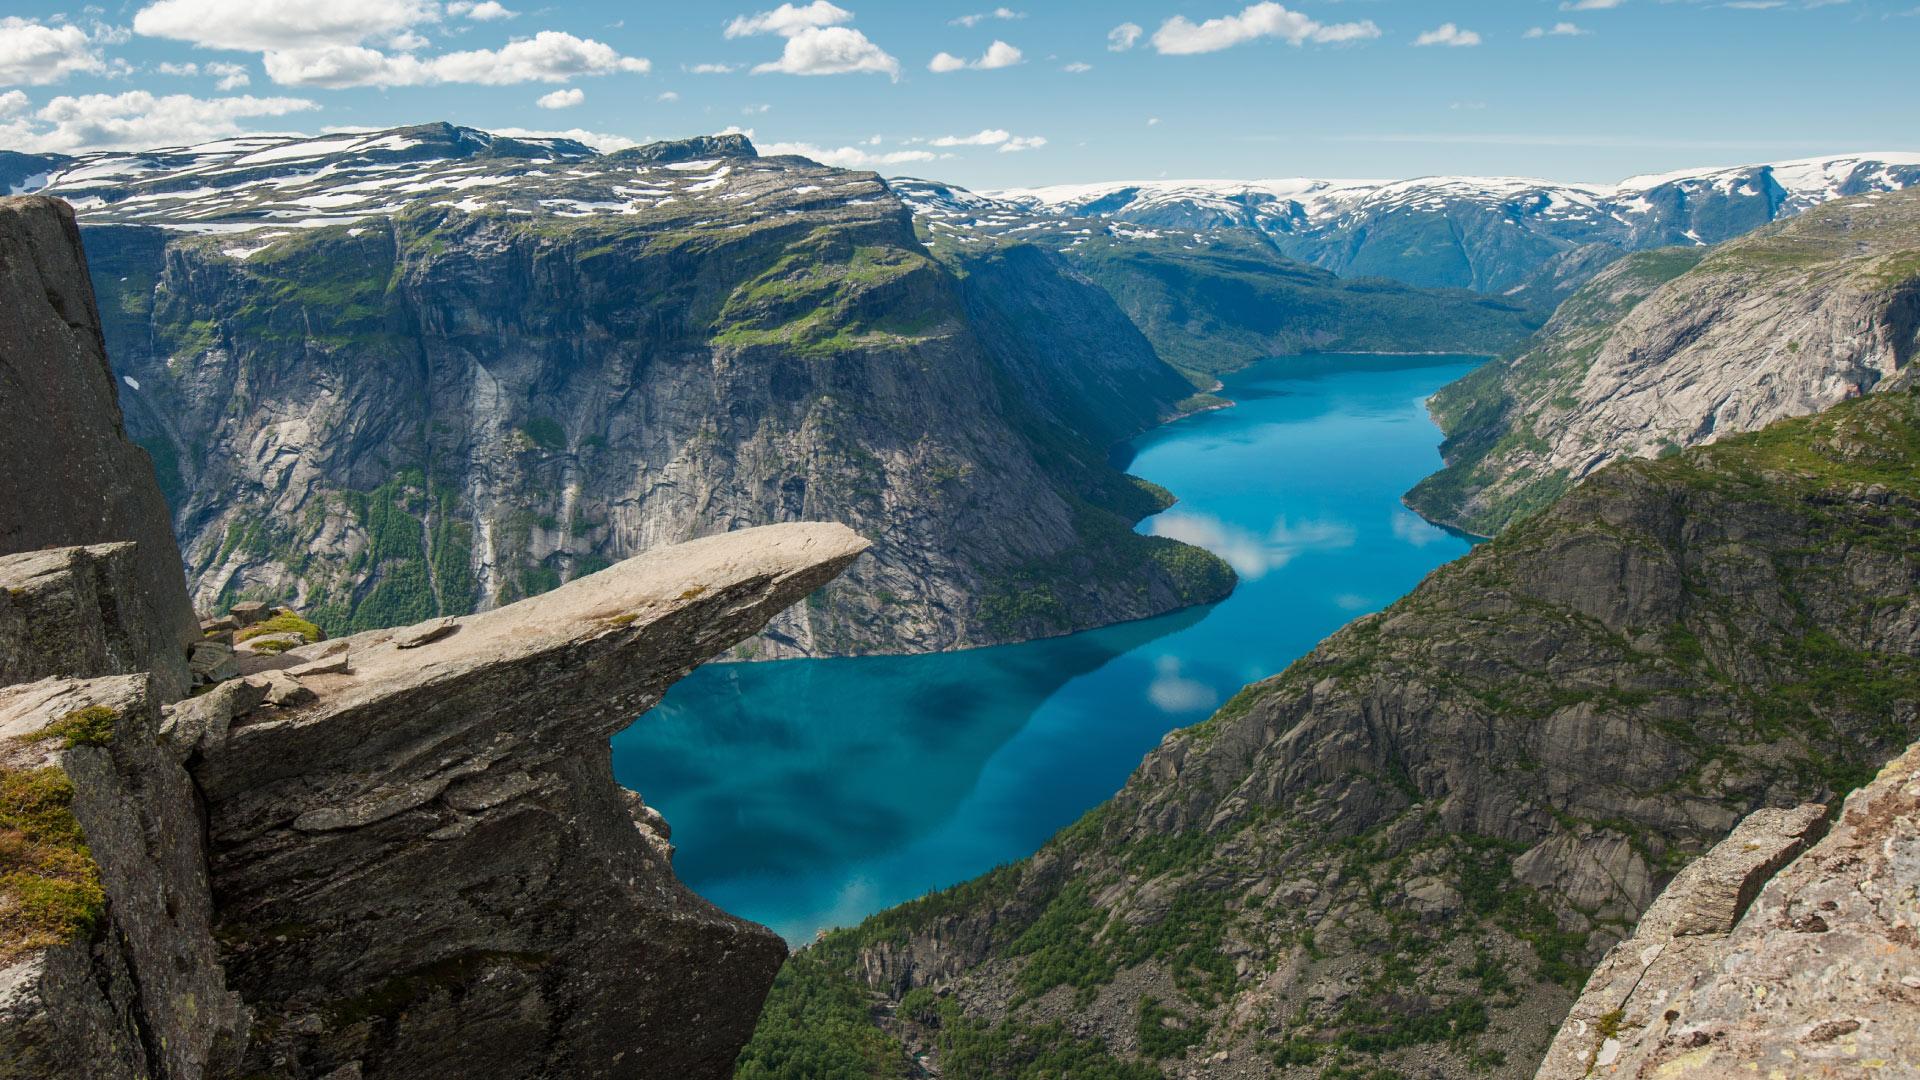 noruega-río-paisaje-naturaleza-país-montañas-respirar-relax-montañismo-vegetación-